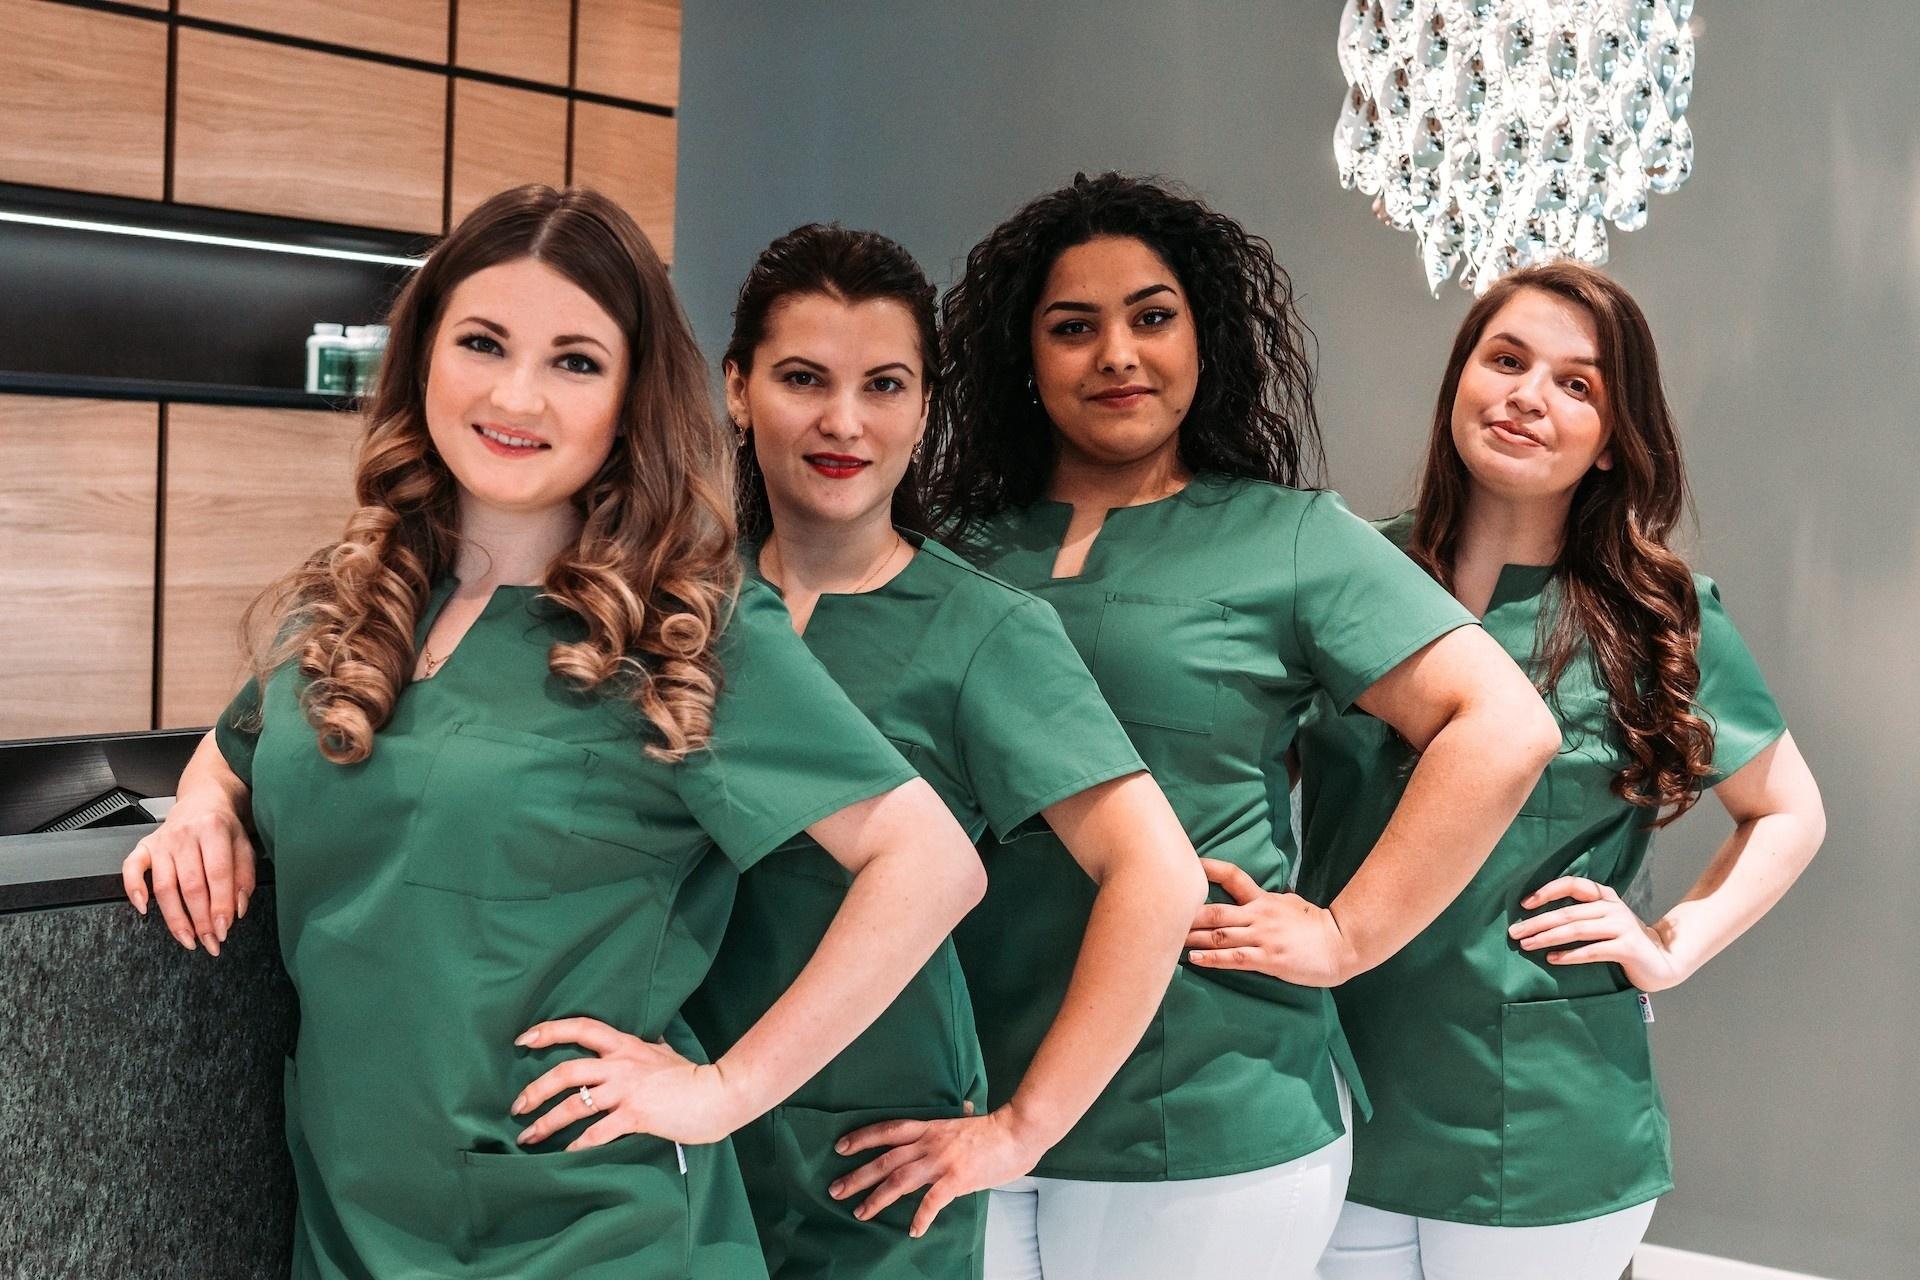 Das Assistenz-Team im D-tox Zahnzentrum in Rosenheim